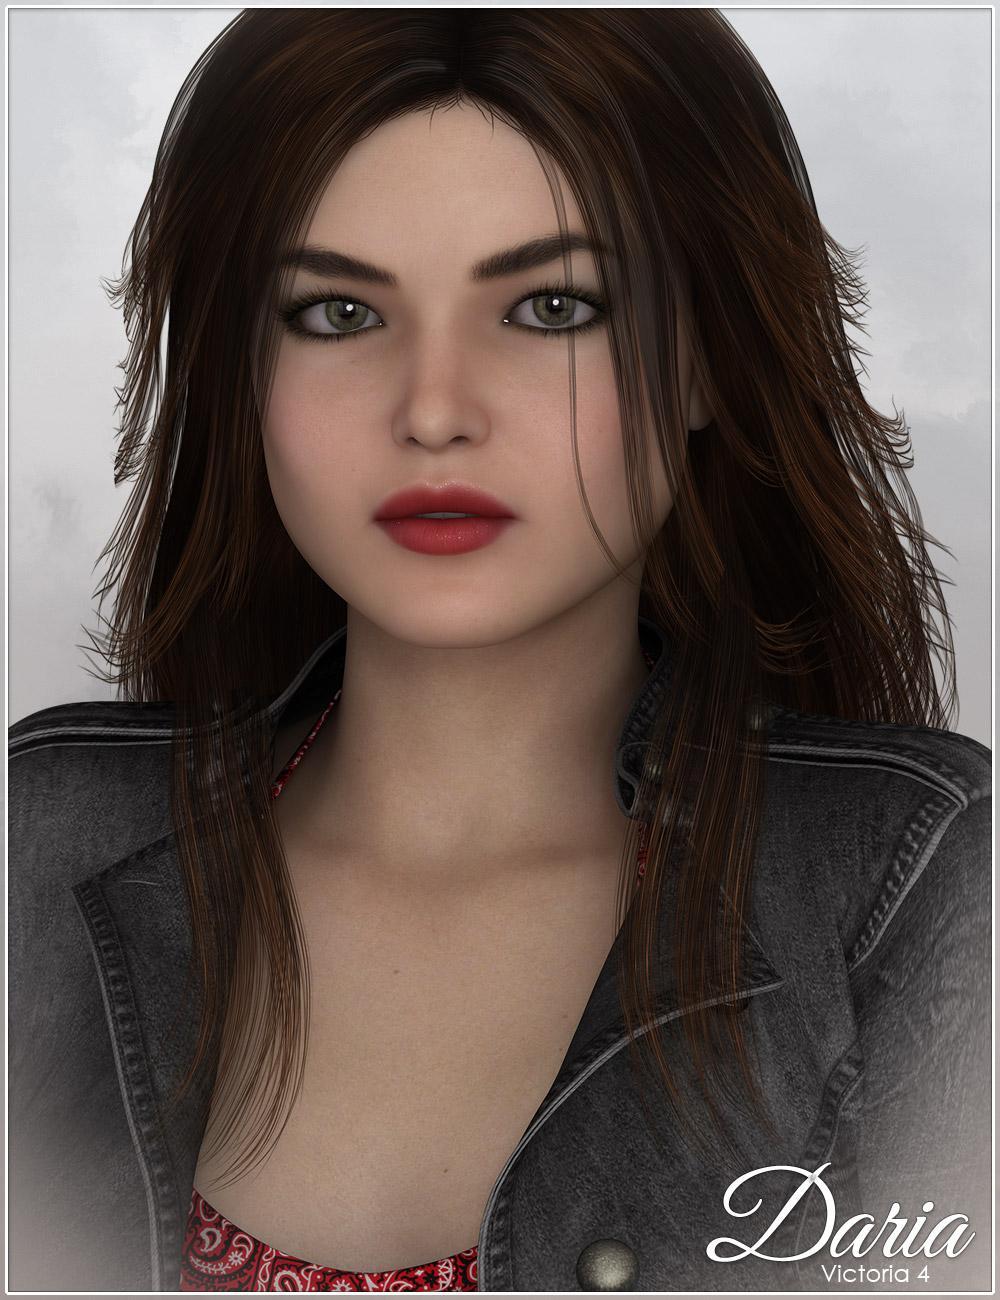 Sabby-Daria